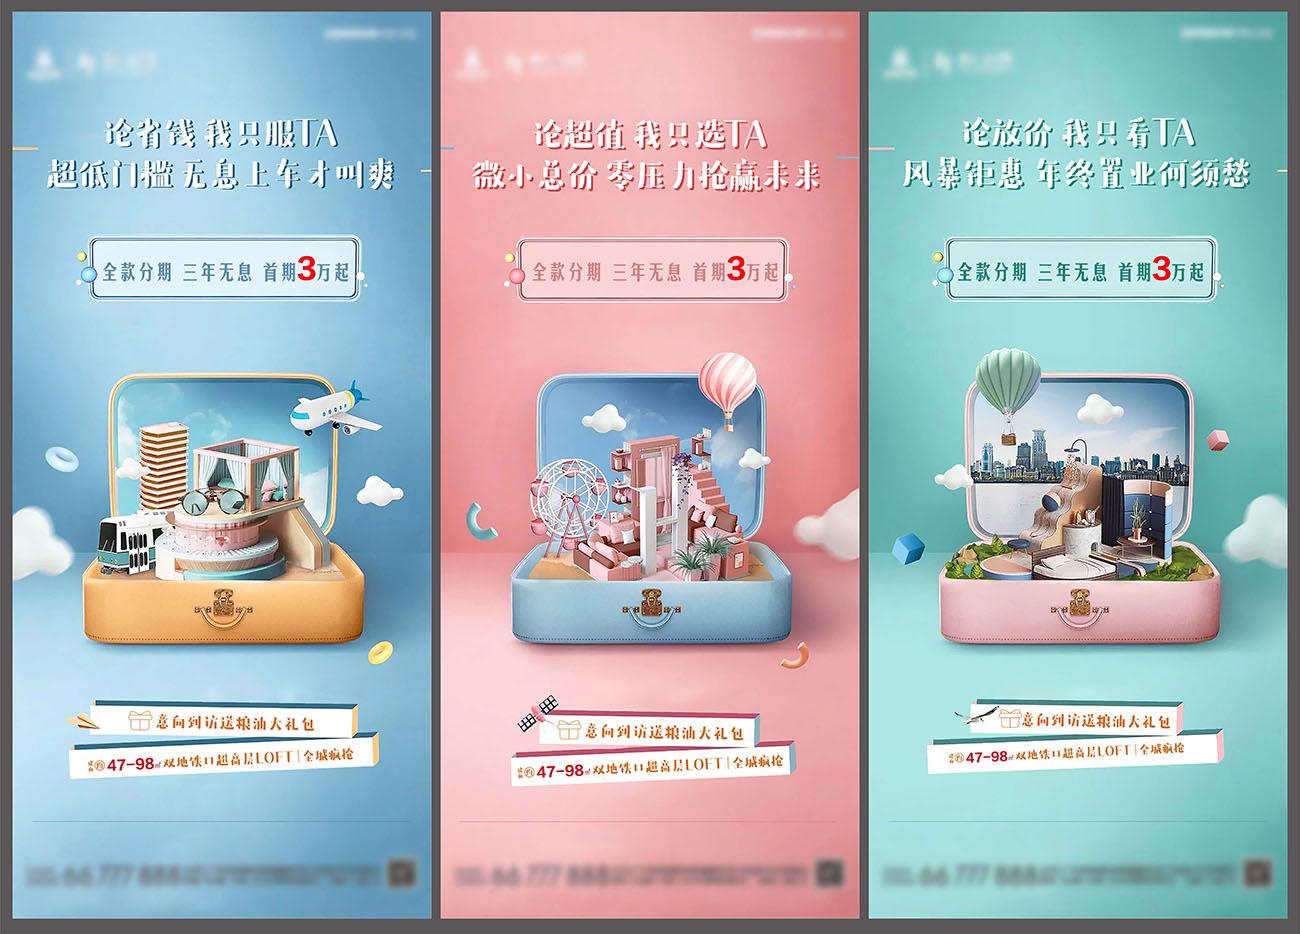 房地产公寓暖场活动海报AI源文件插图